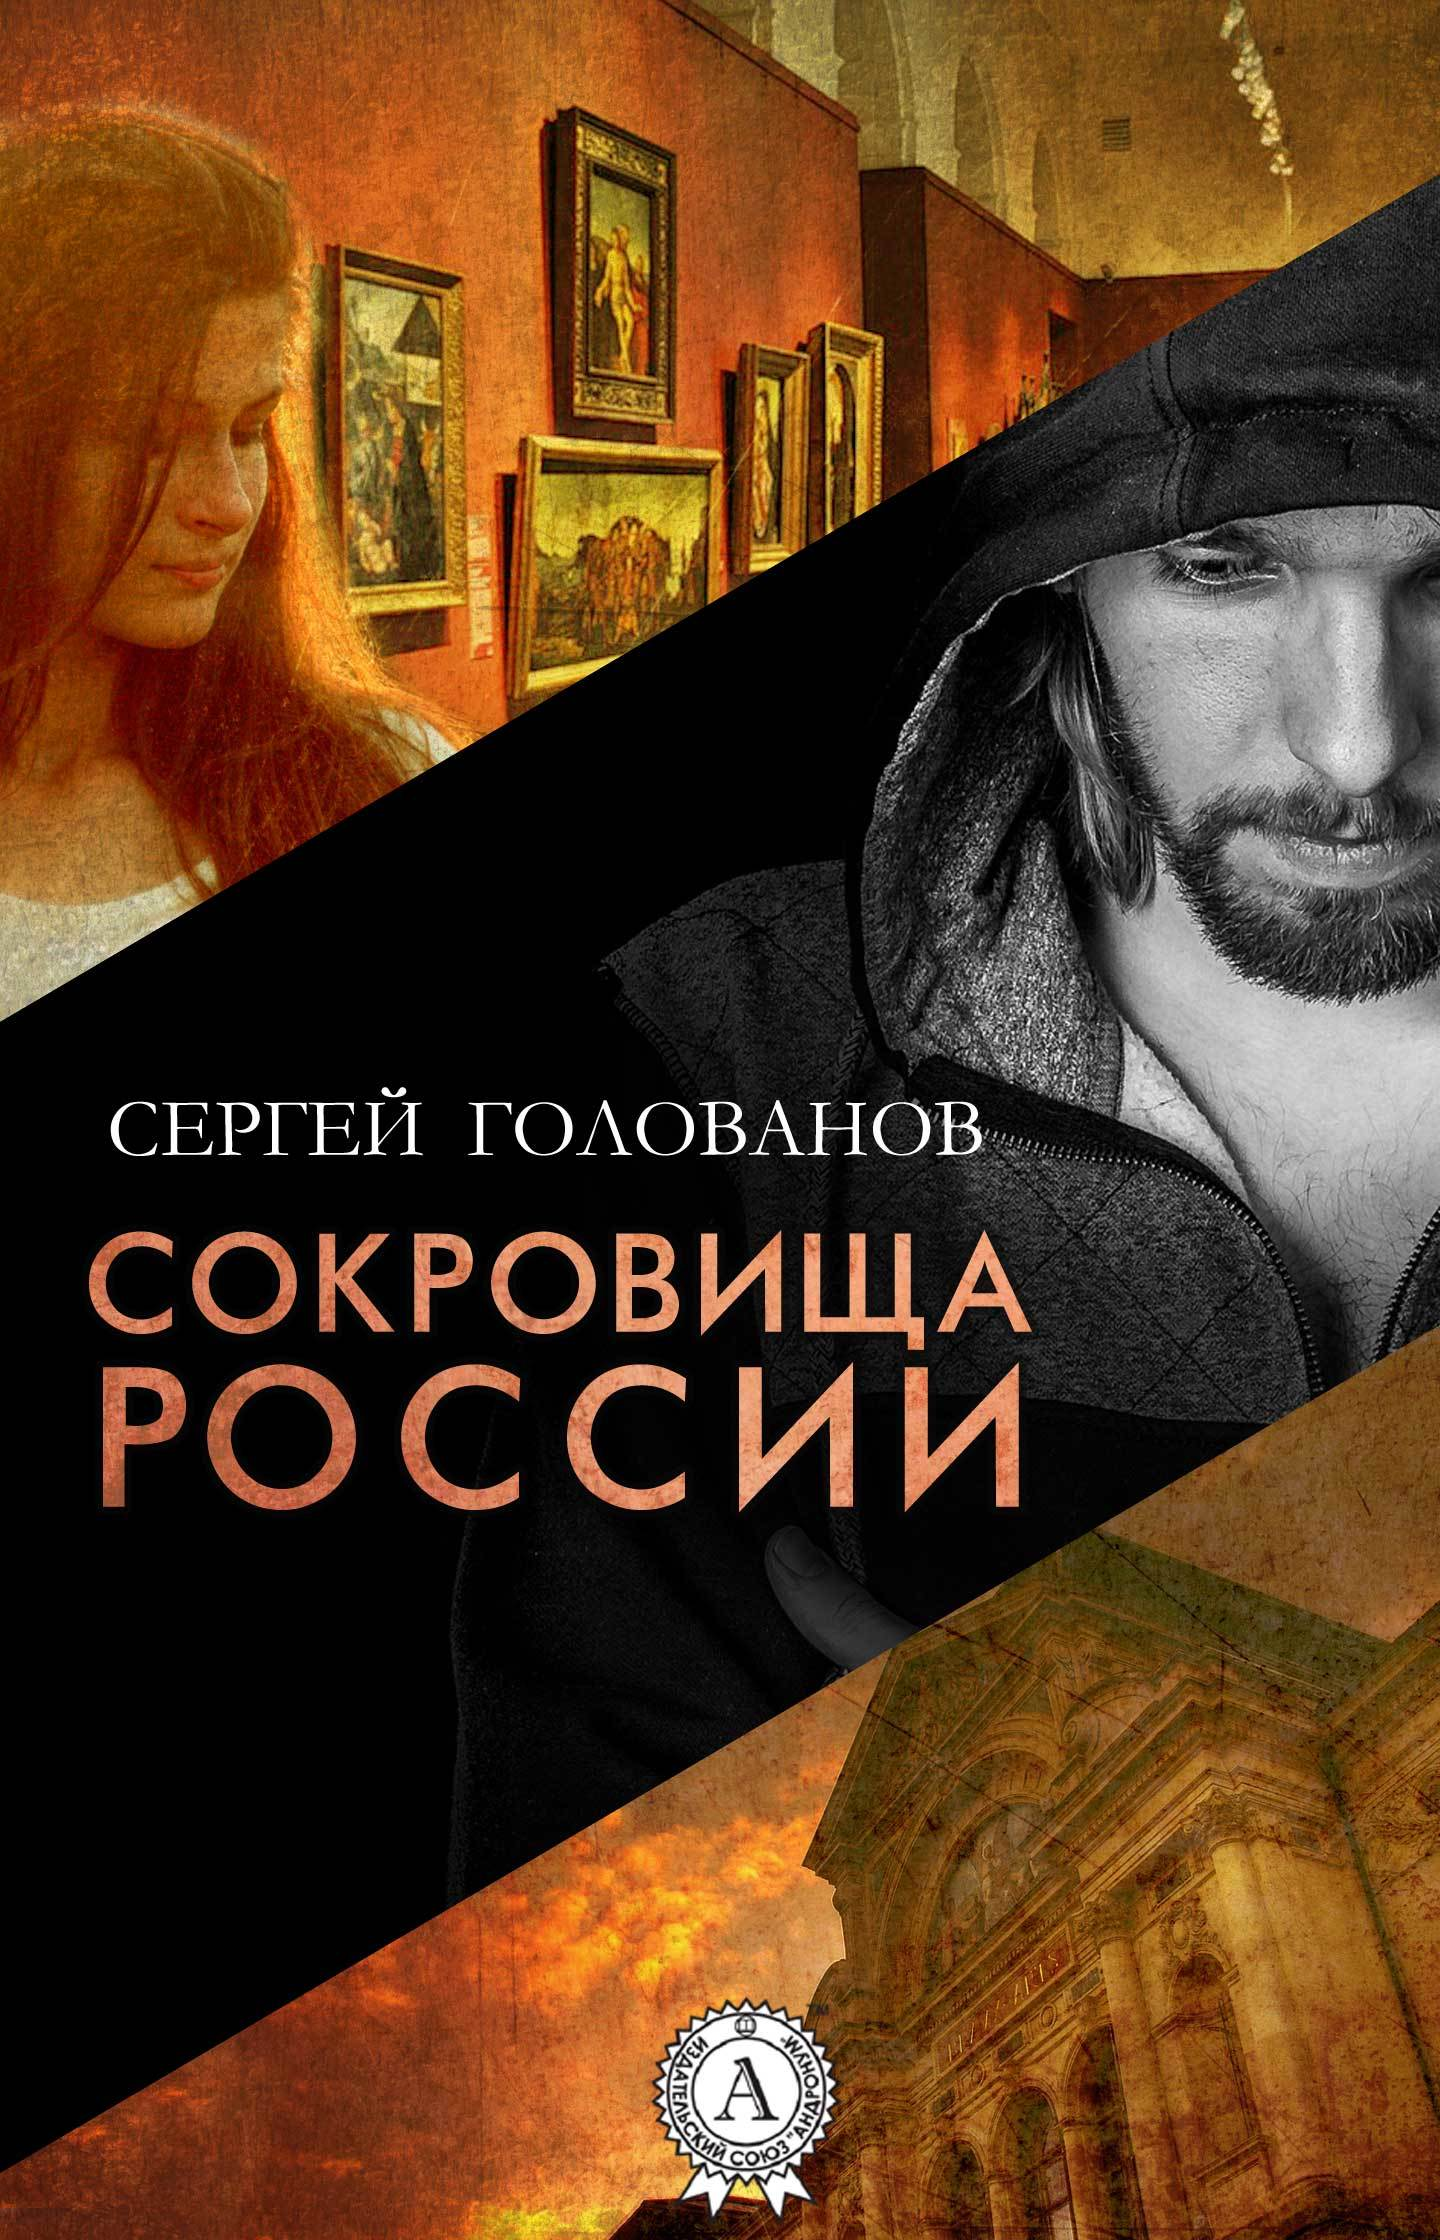 Сергей Голованов Сокровища России